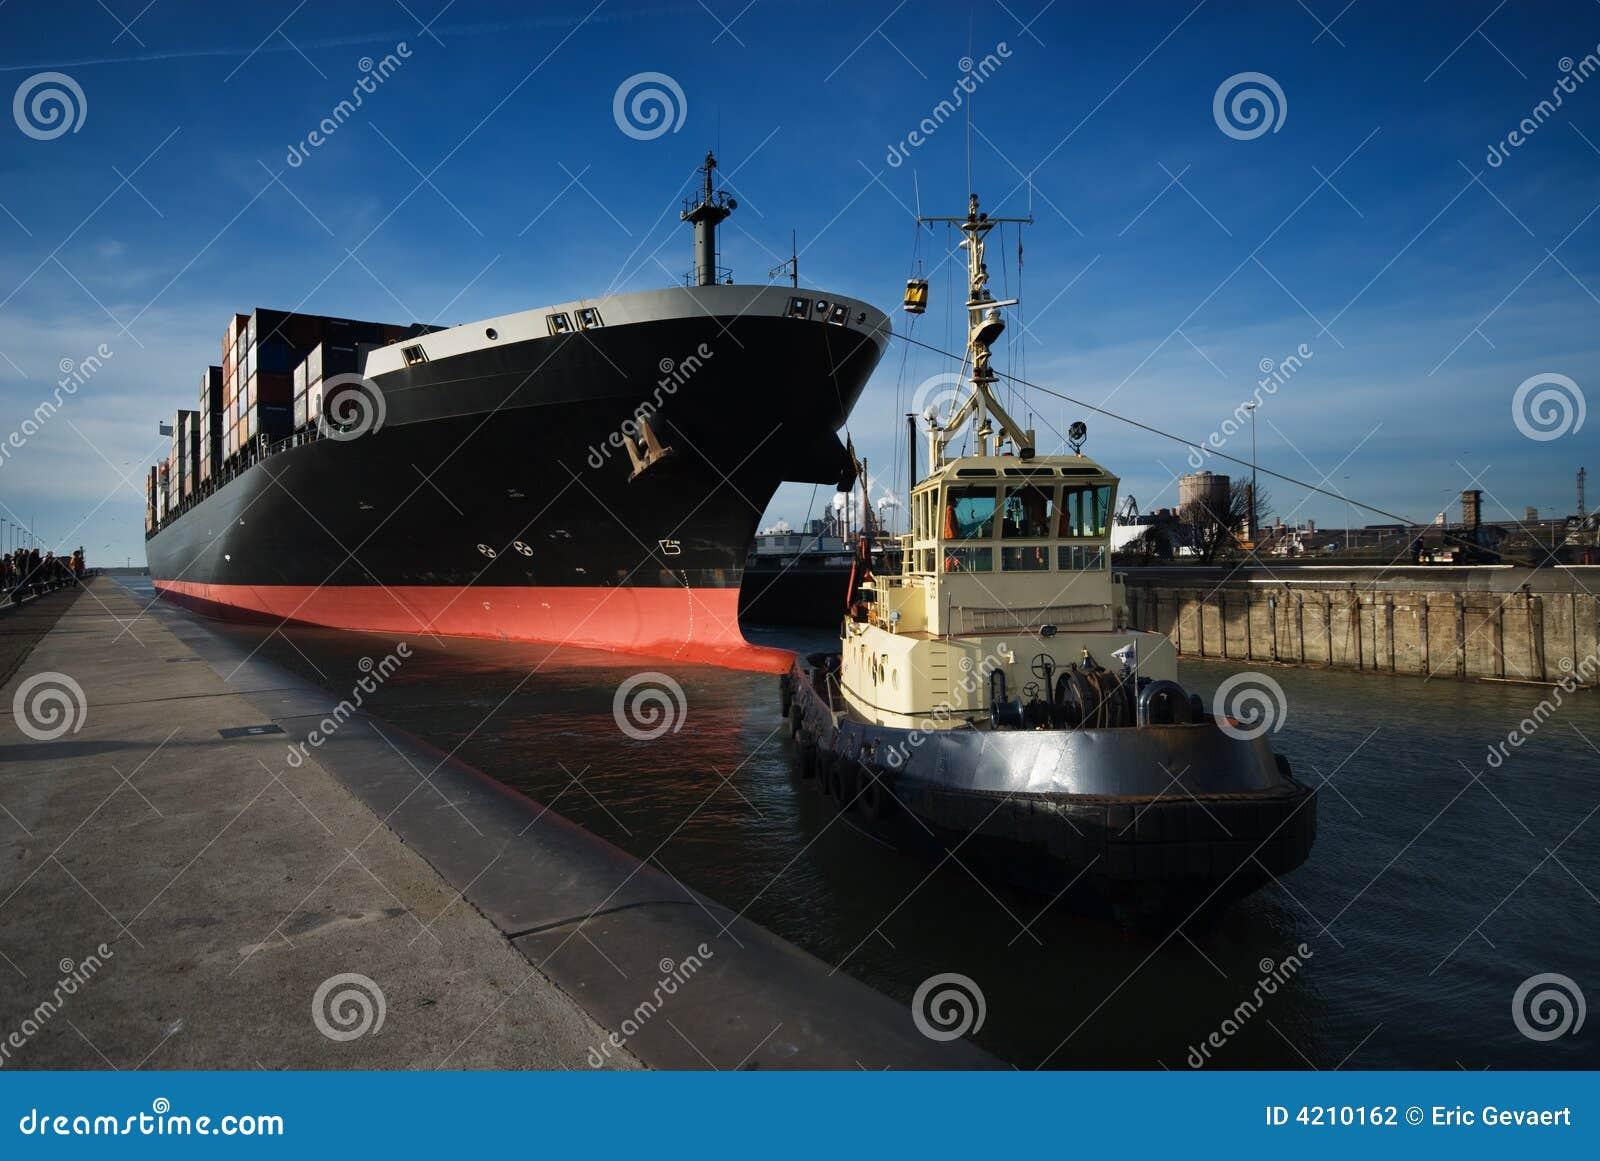 Navire porte conteneurs photographie stock image 4210162 for Porte conteneur